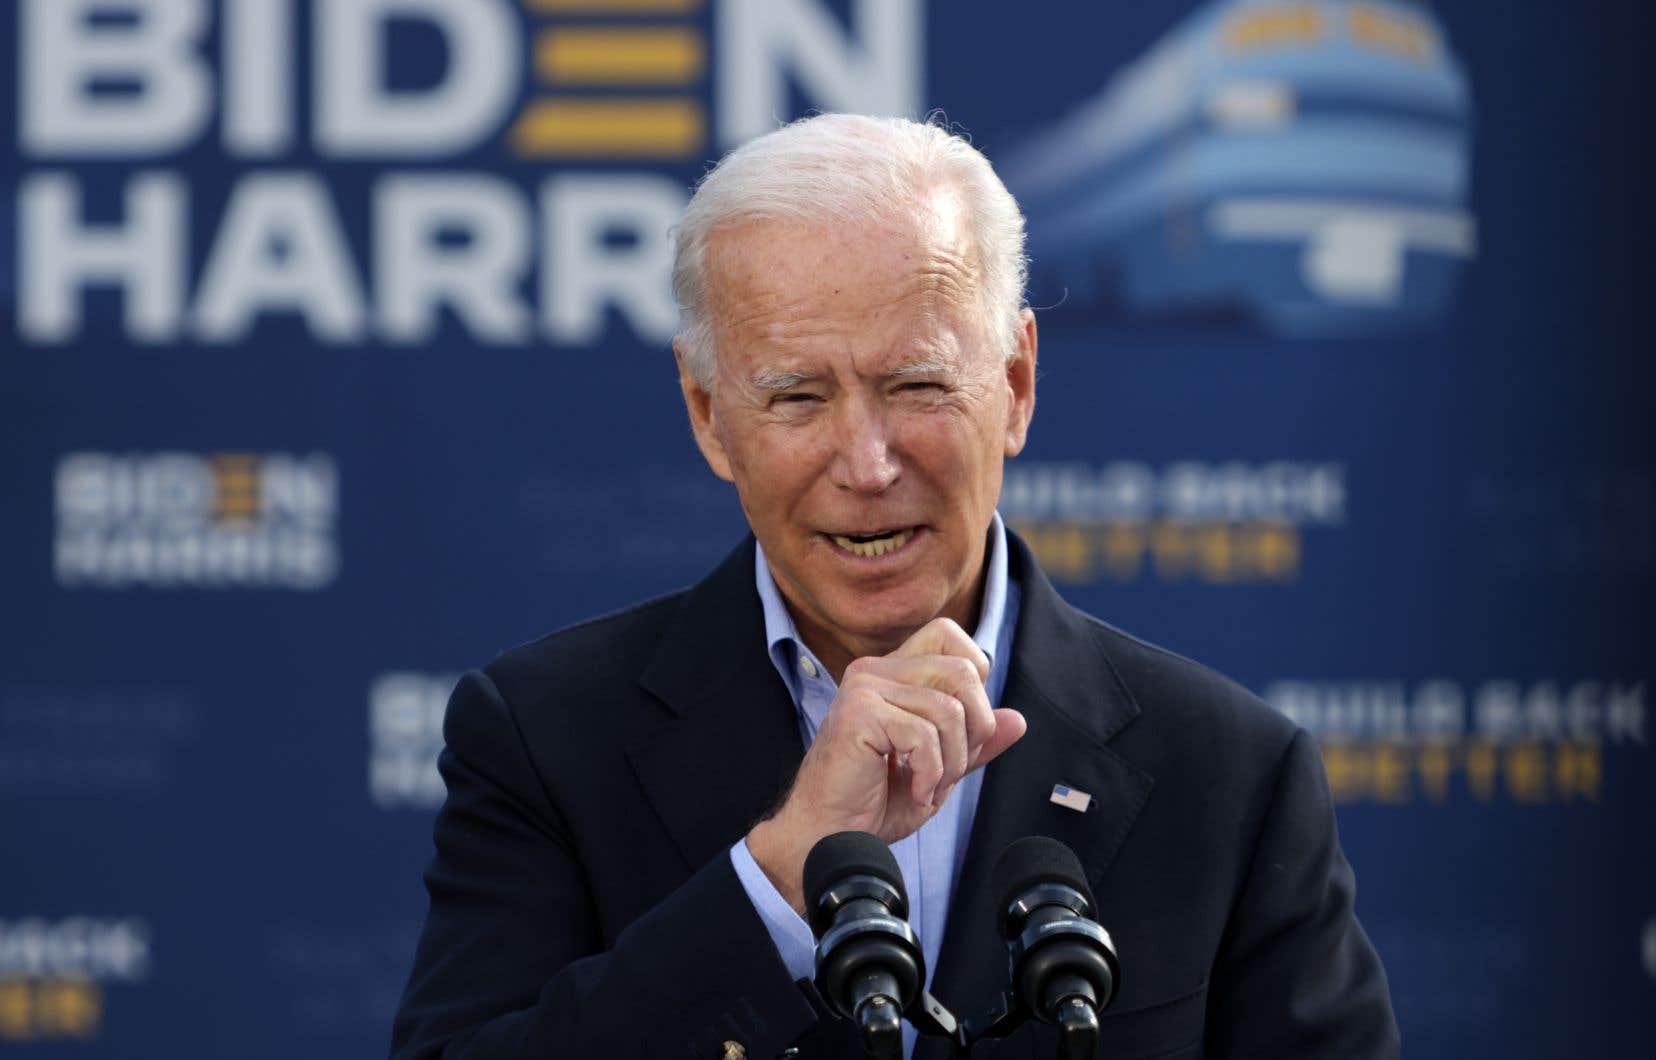 Le candidat démocrate à la Maison-Blanche Joe Biden était de passage à Alliance, dans l'Ohio.